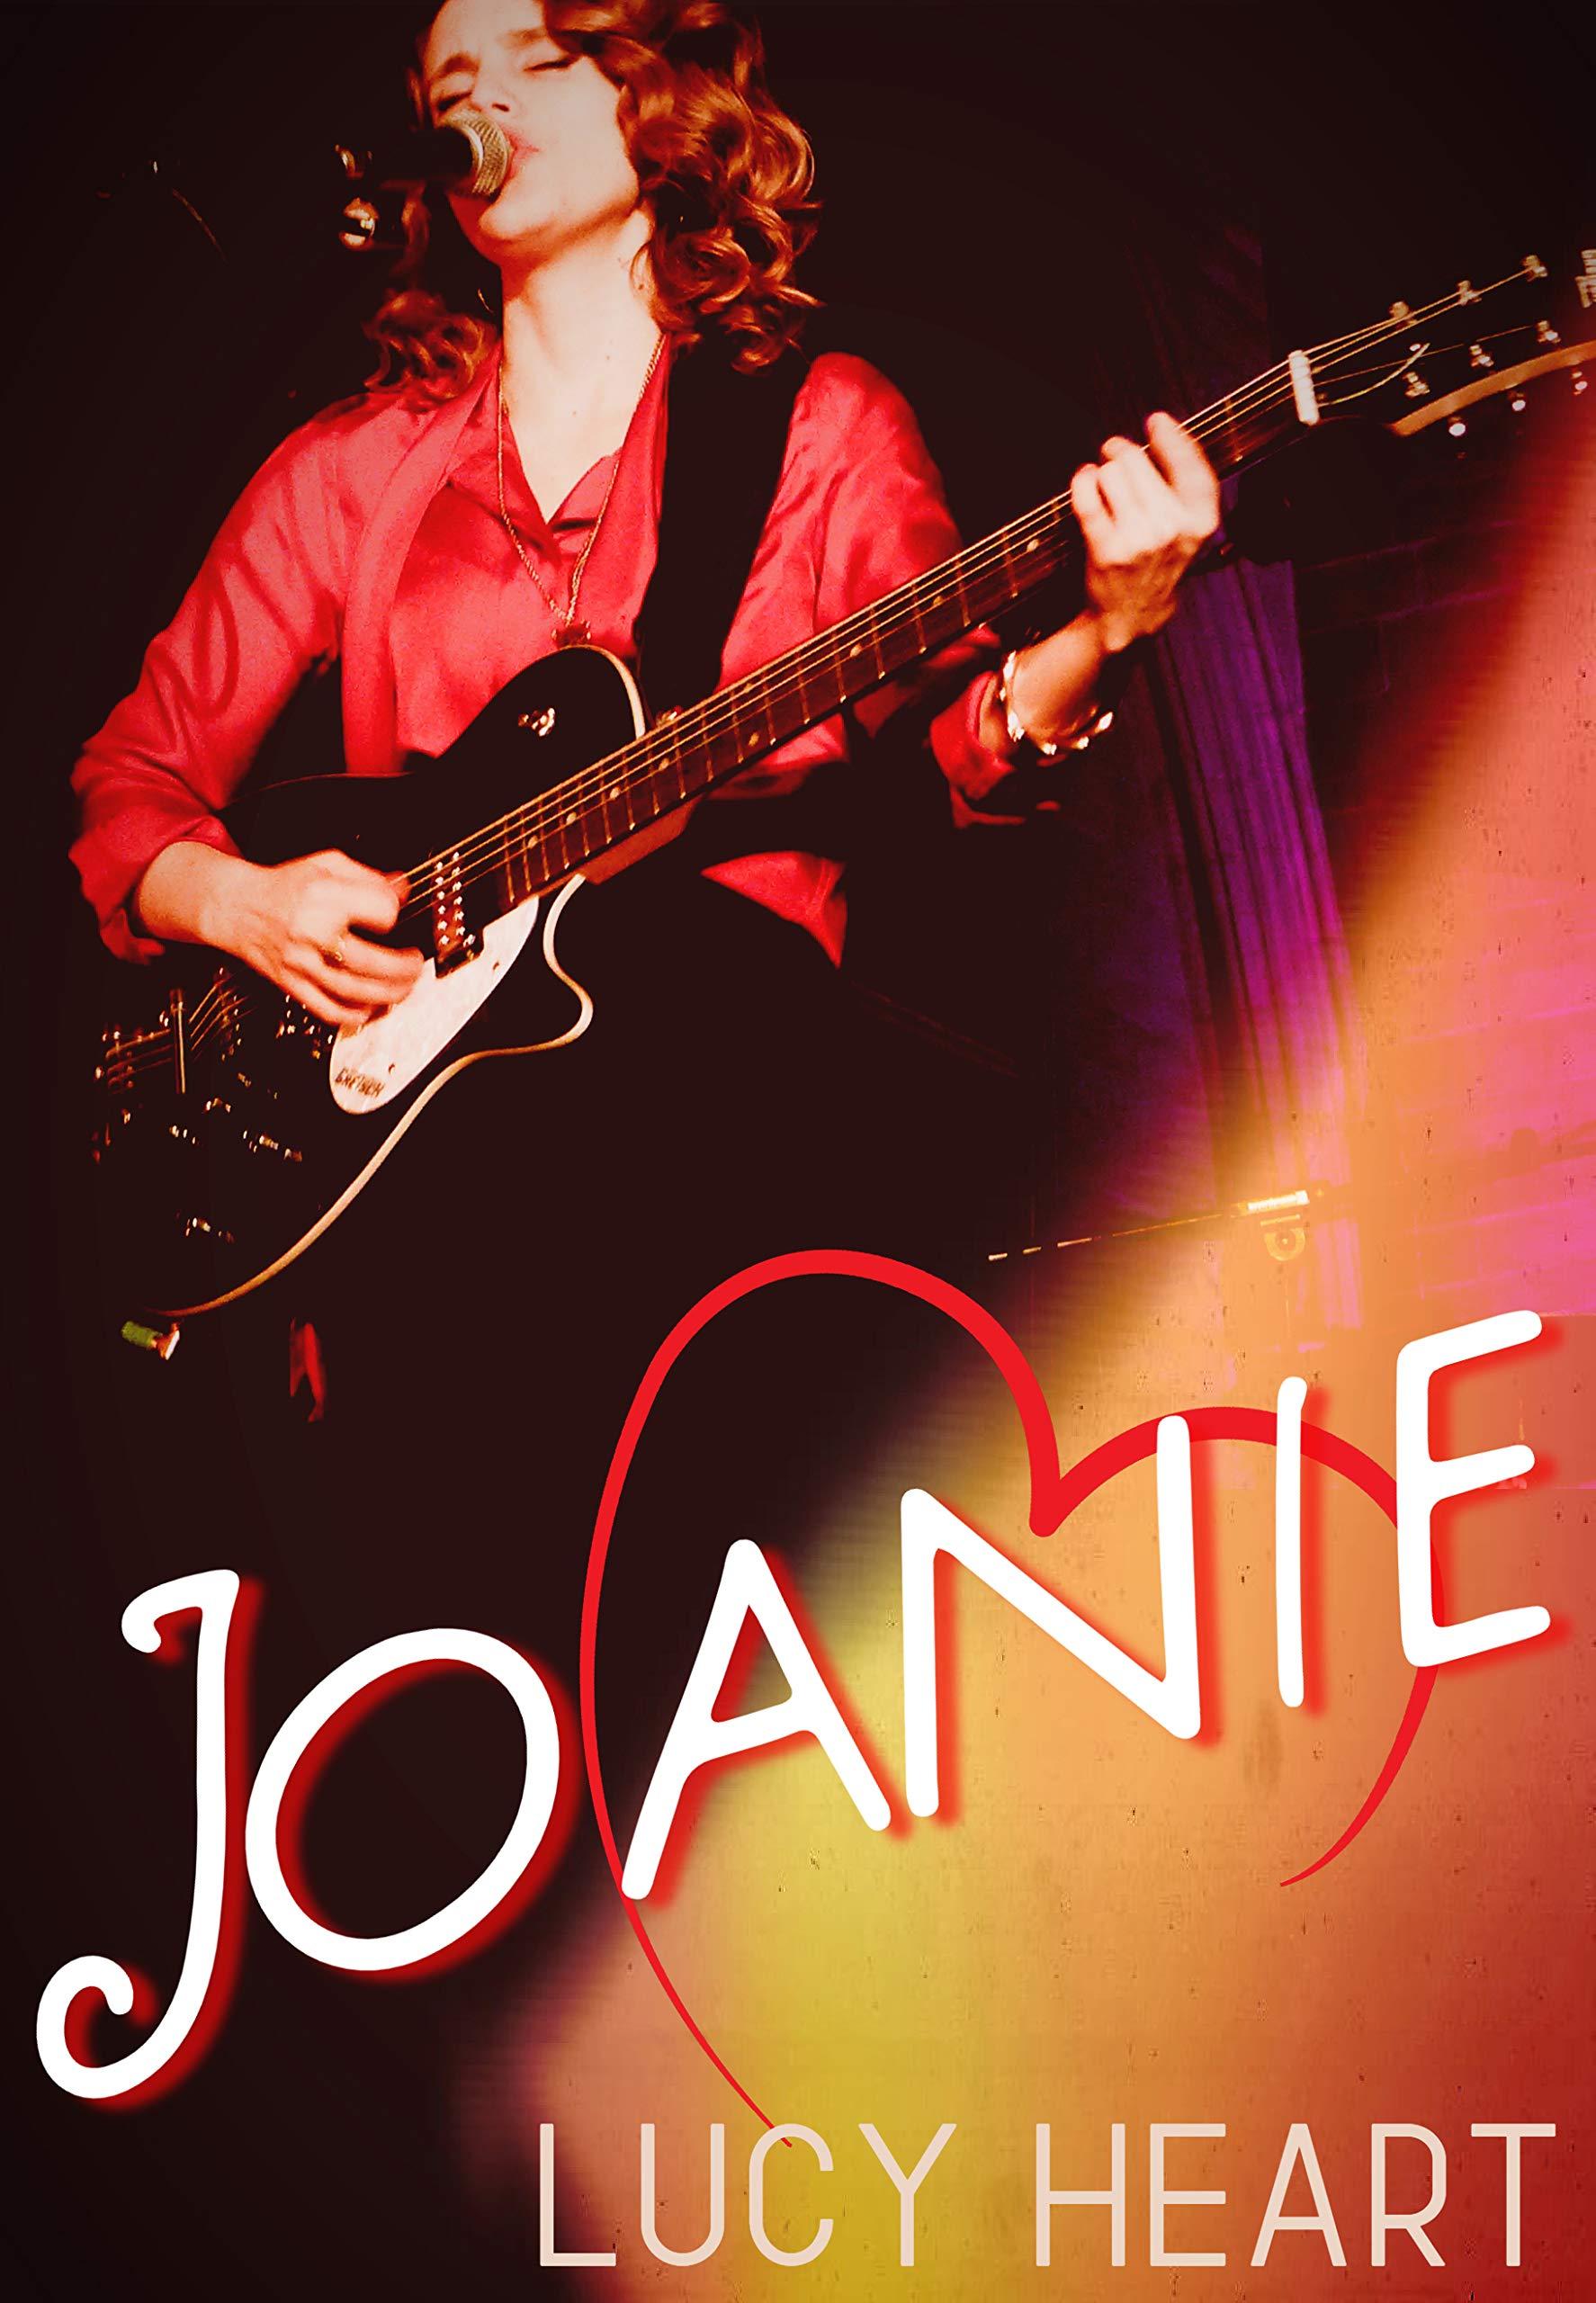 Joanie: A Lesbian Rockstar Romance